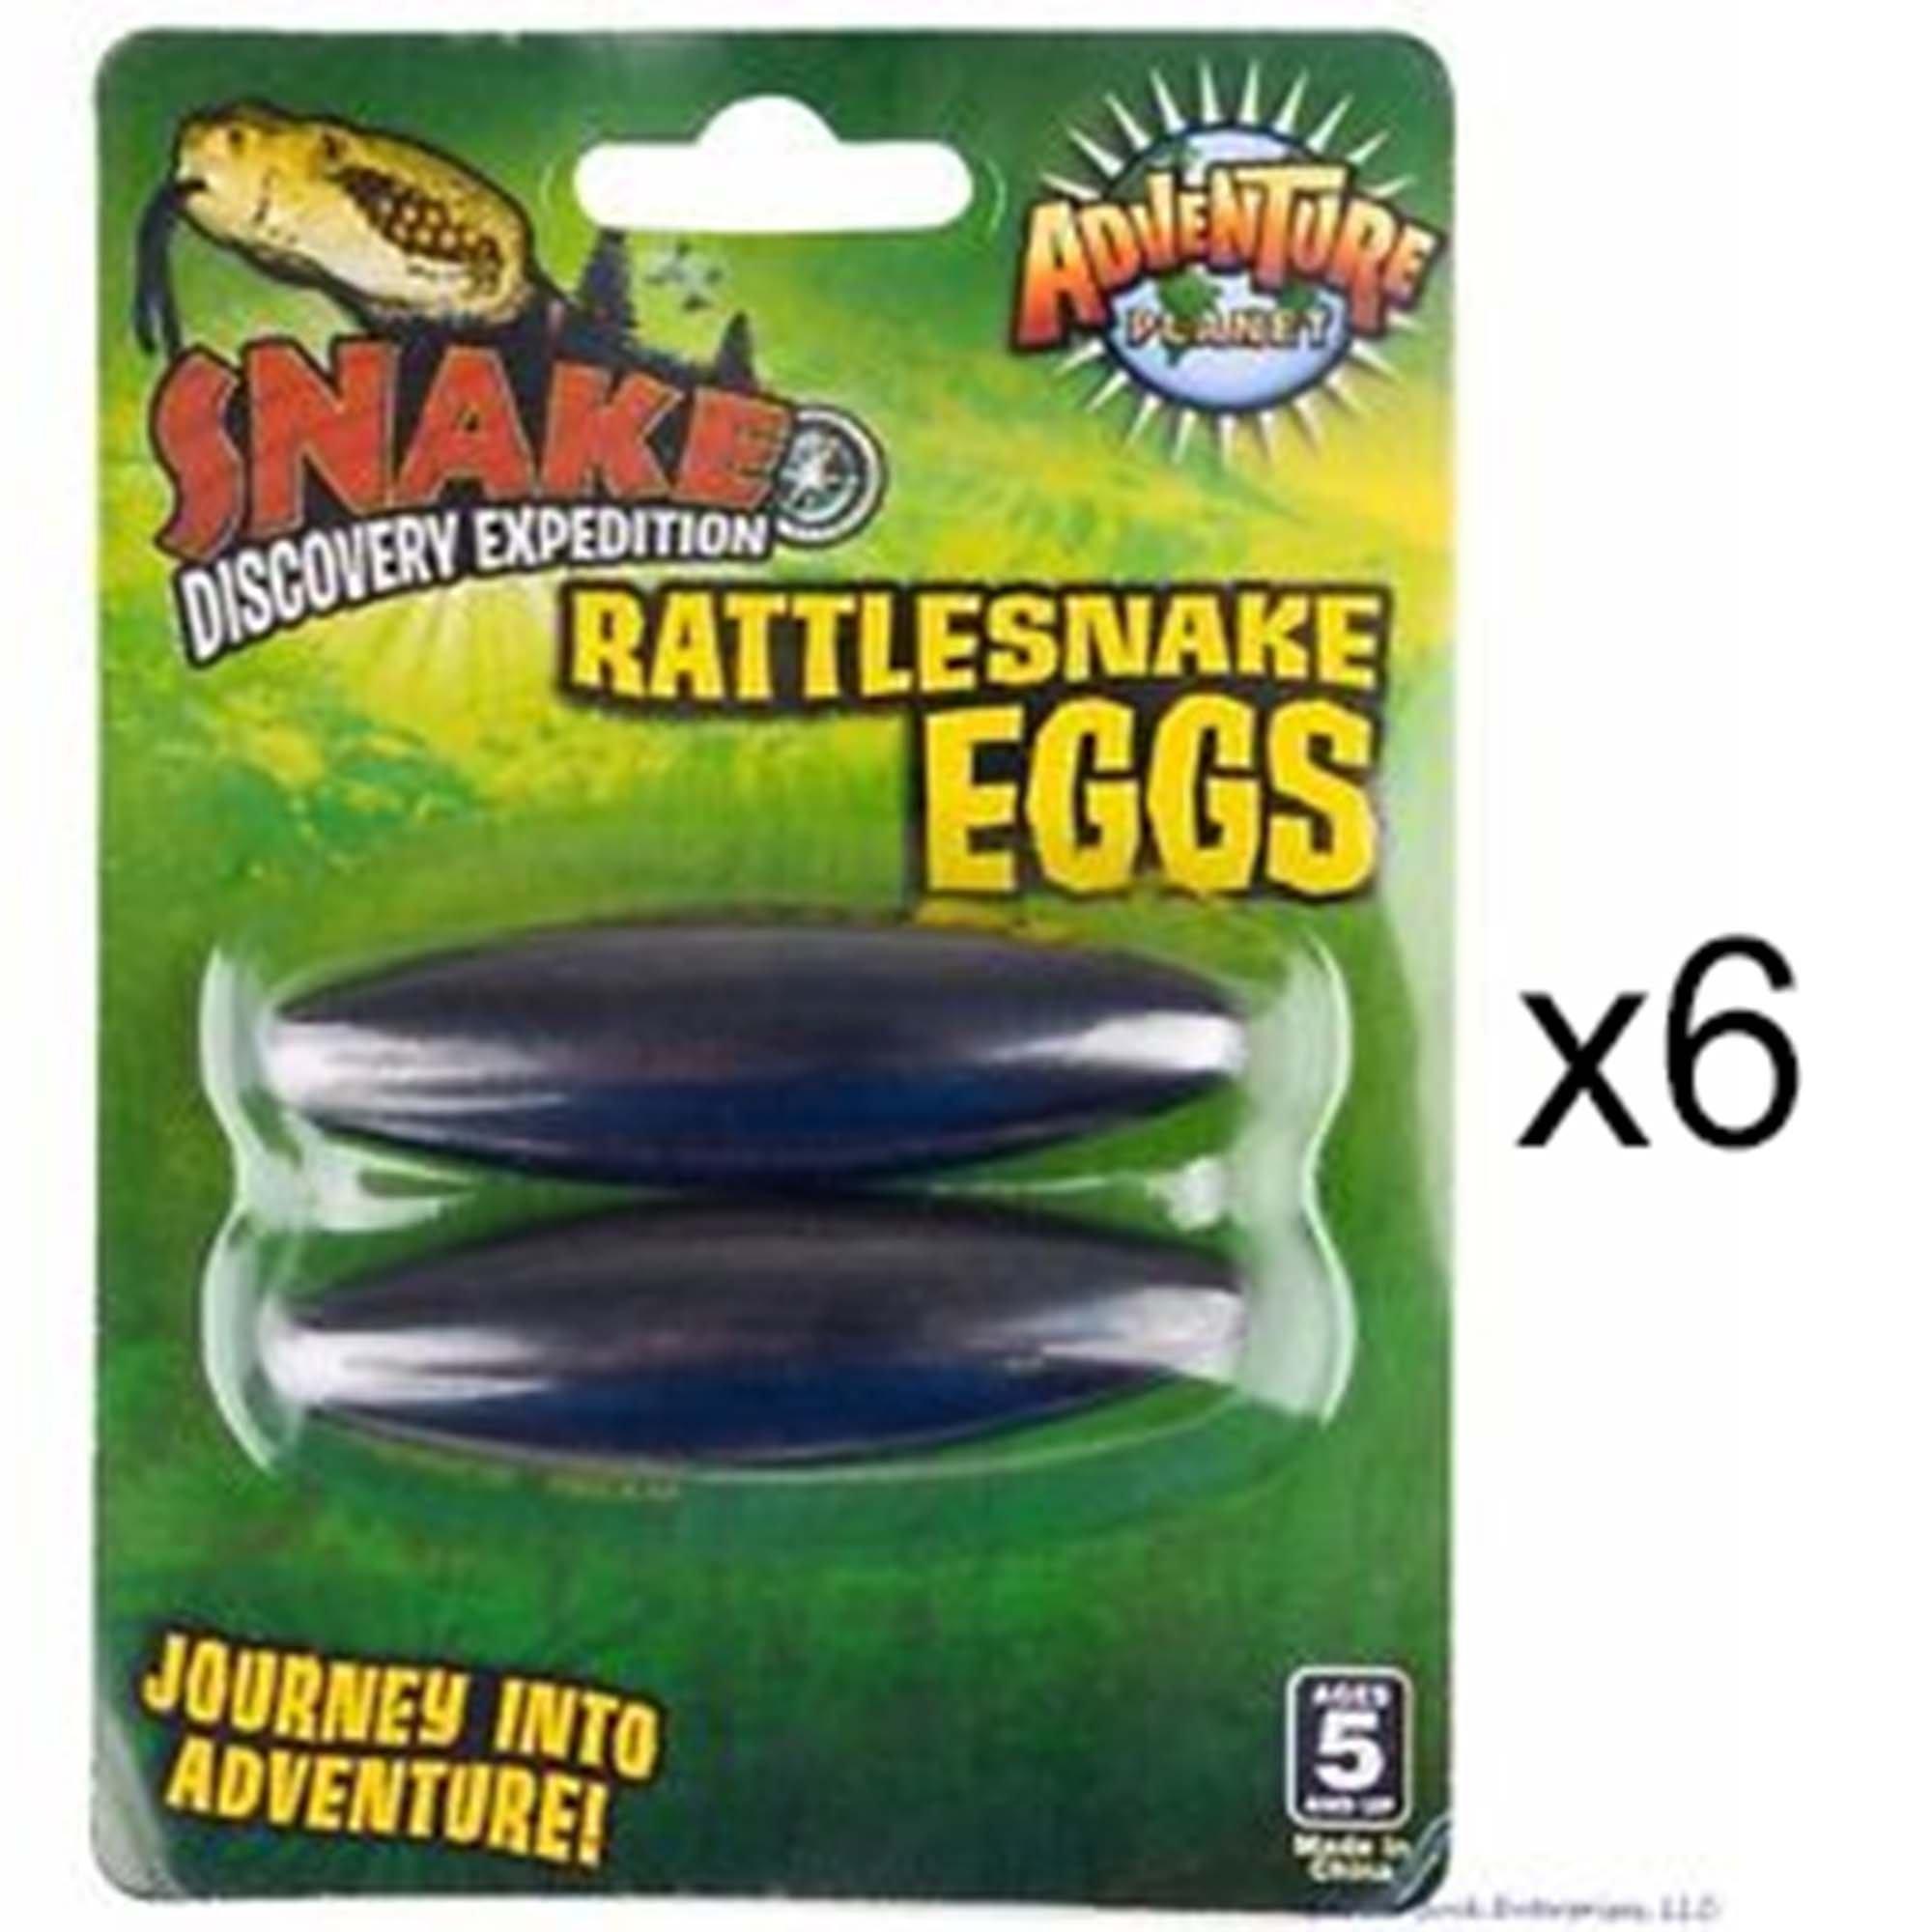 ROCKYMART (6 packs) - Large 2.5'' Rattle Snake Eggs Rattlesnake Singing Magnets